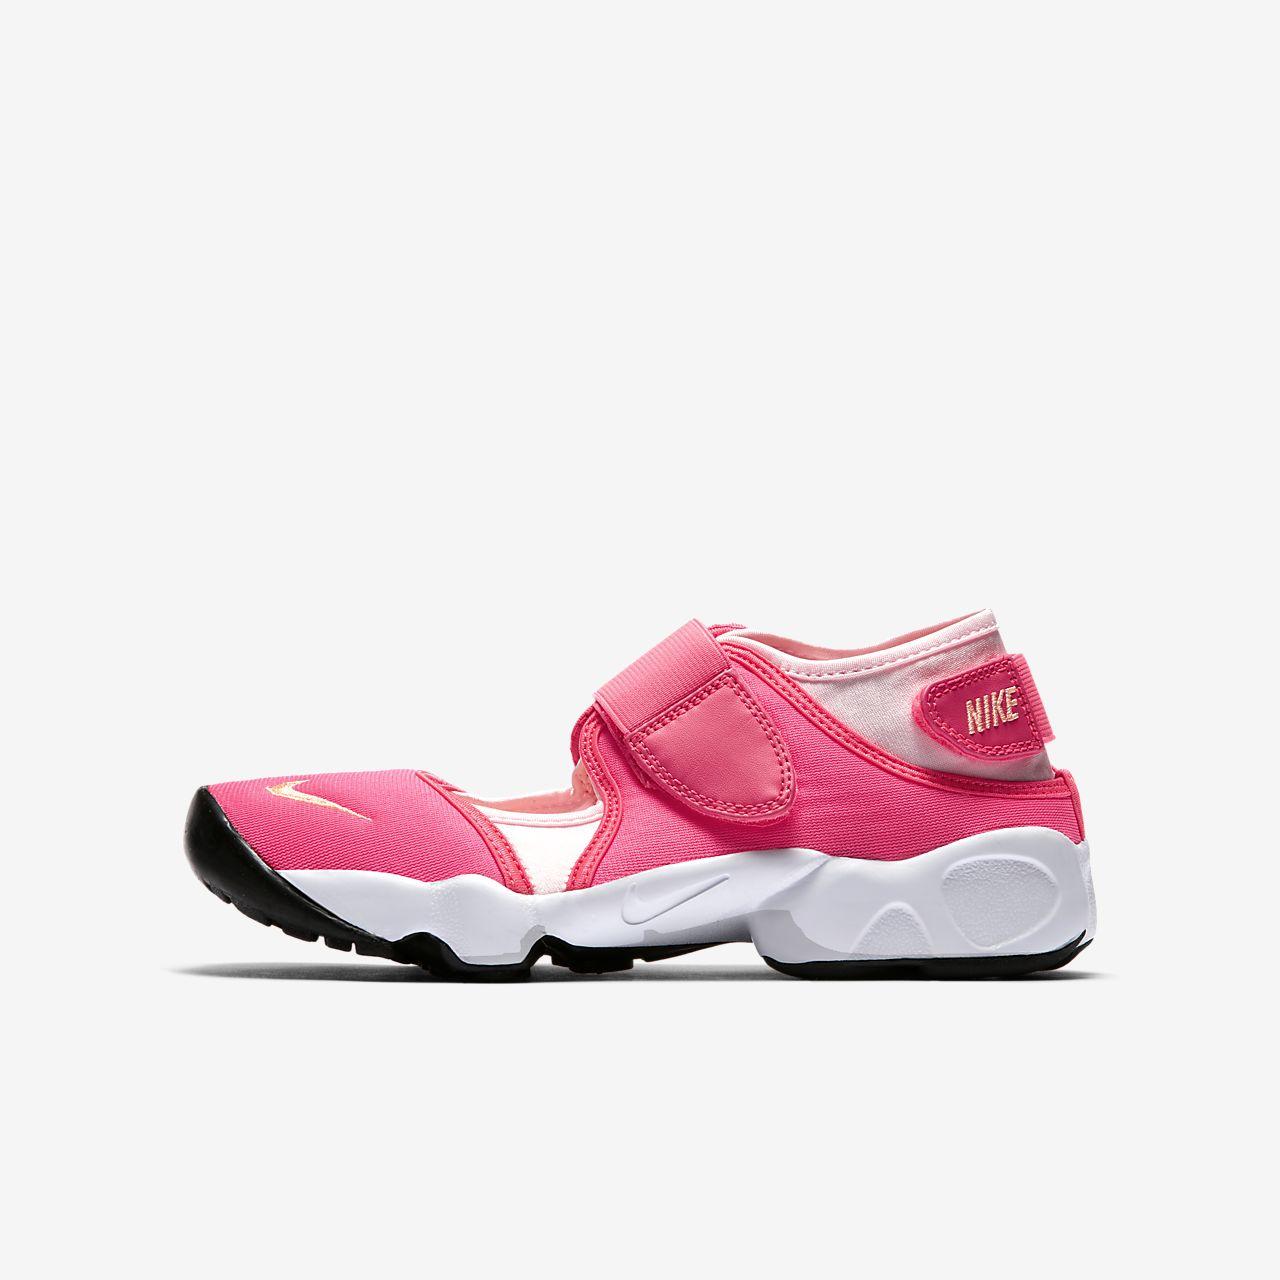 new arrival 2c195 d2ab6 ... Nike Rift sko til små store barn